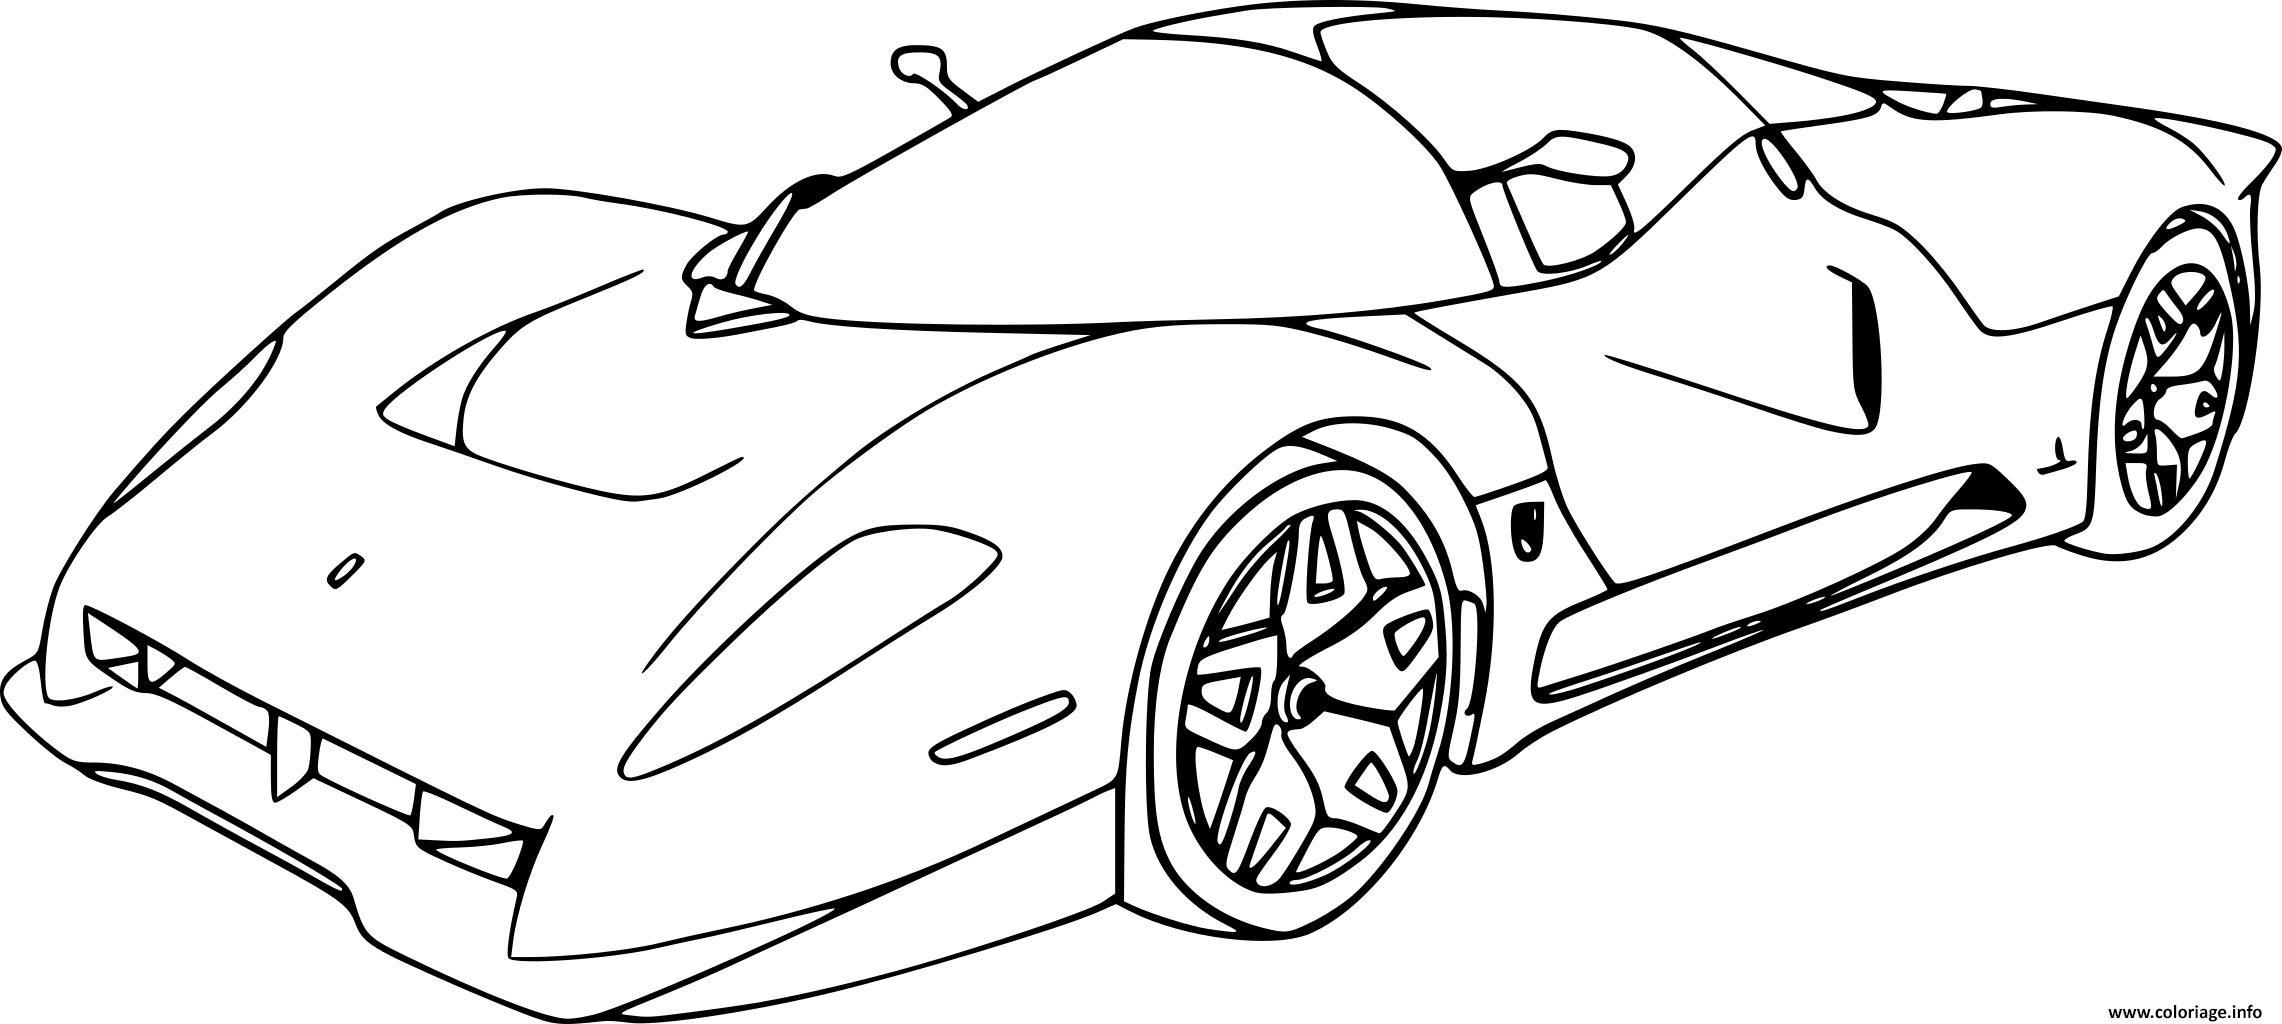 Coloriage nouvelle voiture ferrari course dessin - Dessin a colorier camping car gratuit ...